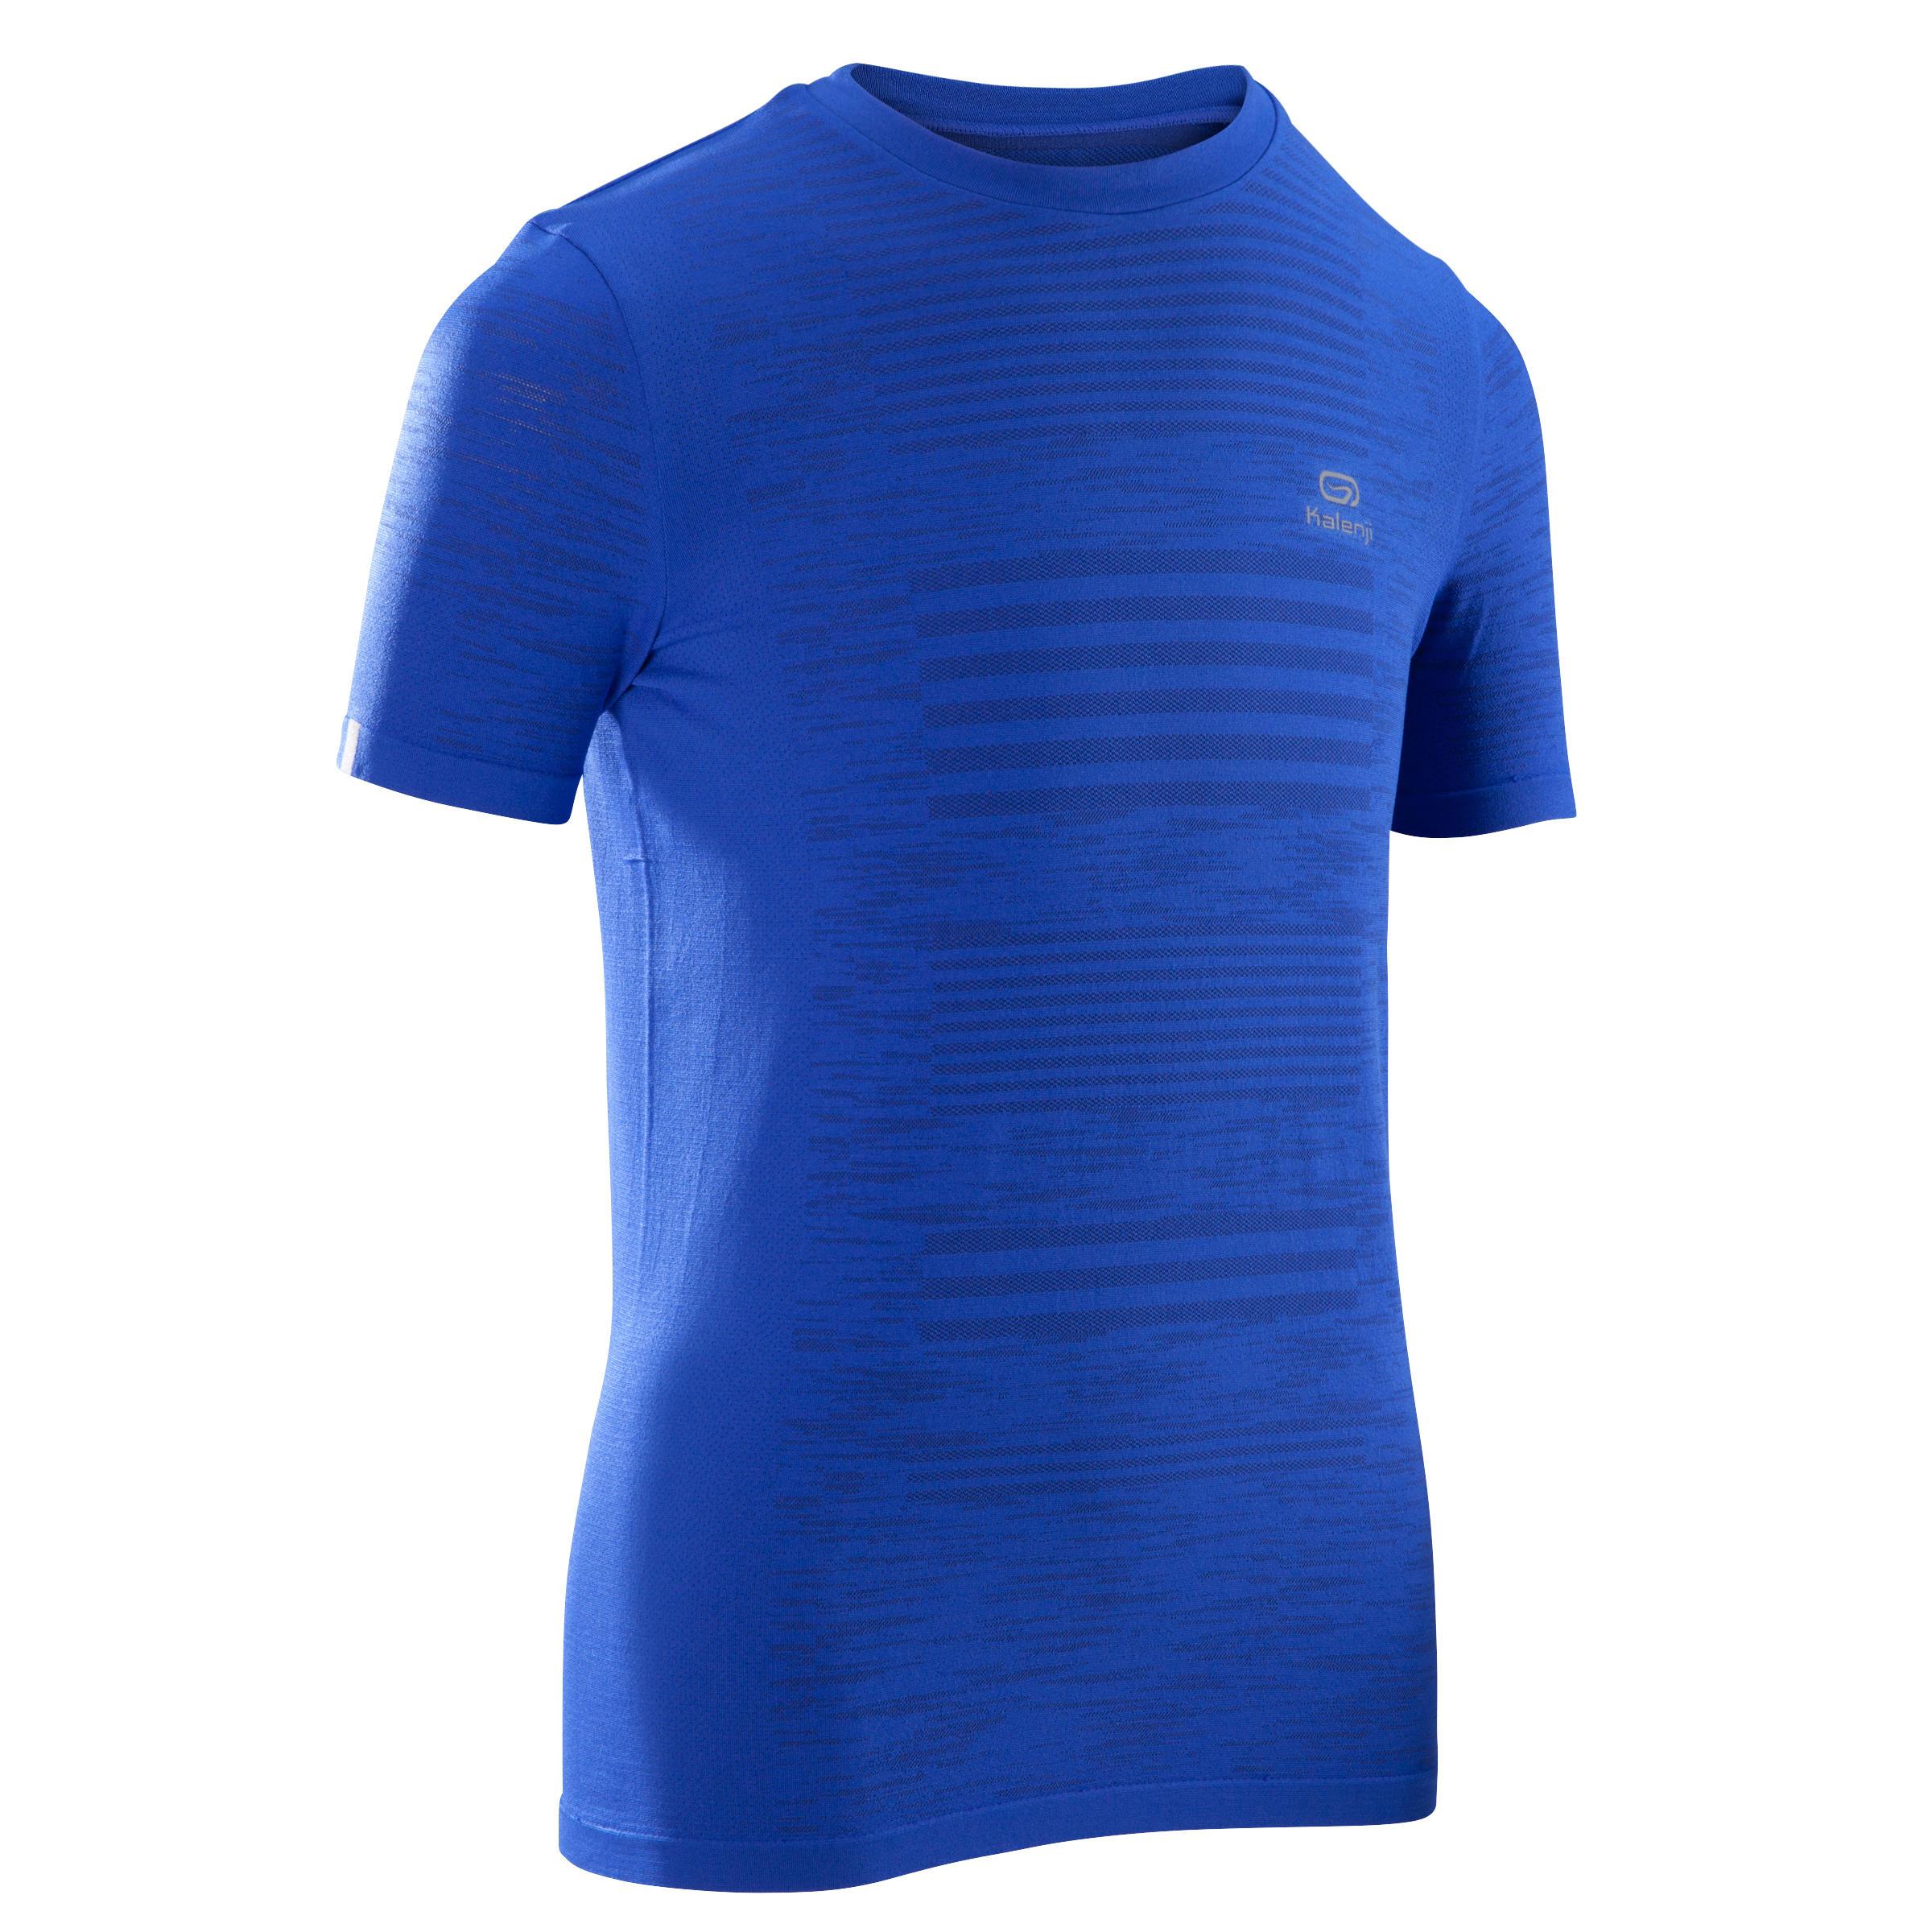 Camiseta de atletismo júnior Skincare azul